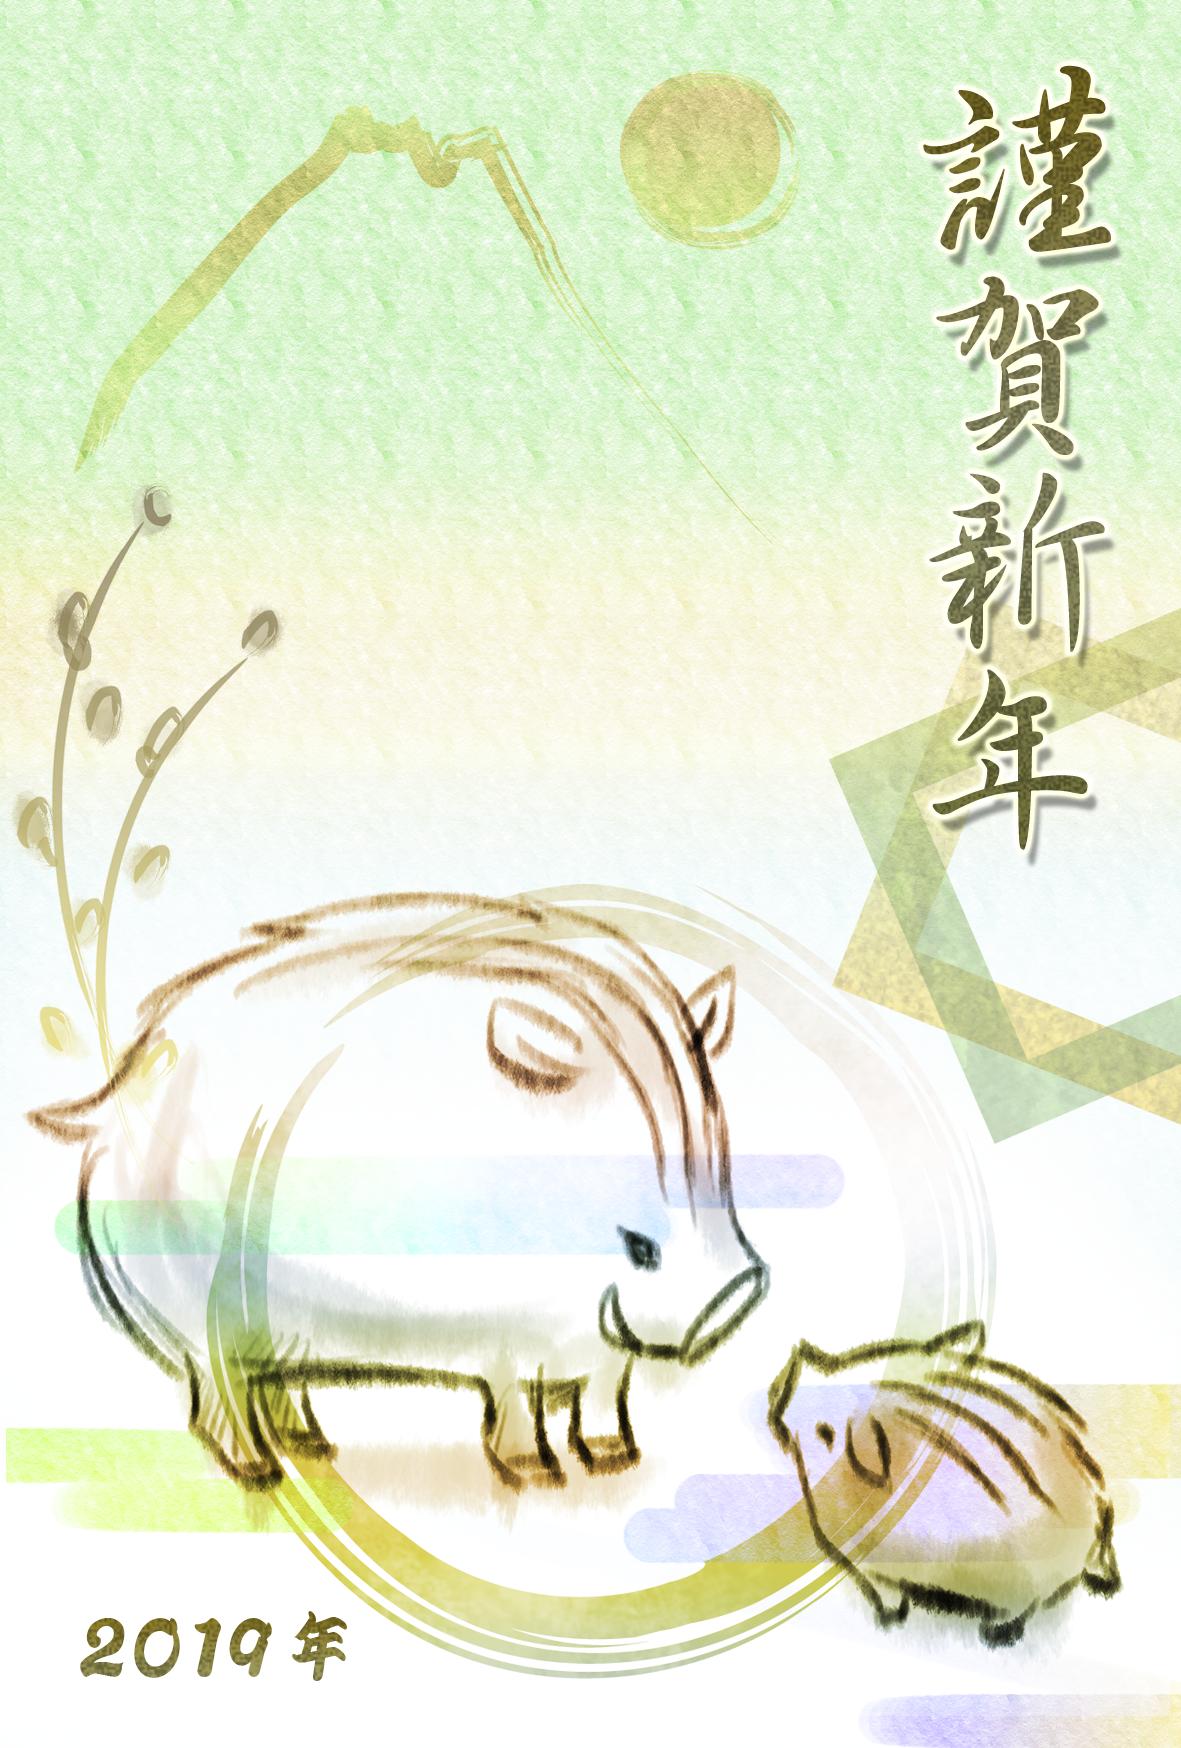 謹賀新年のイノシシの画像